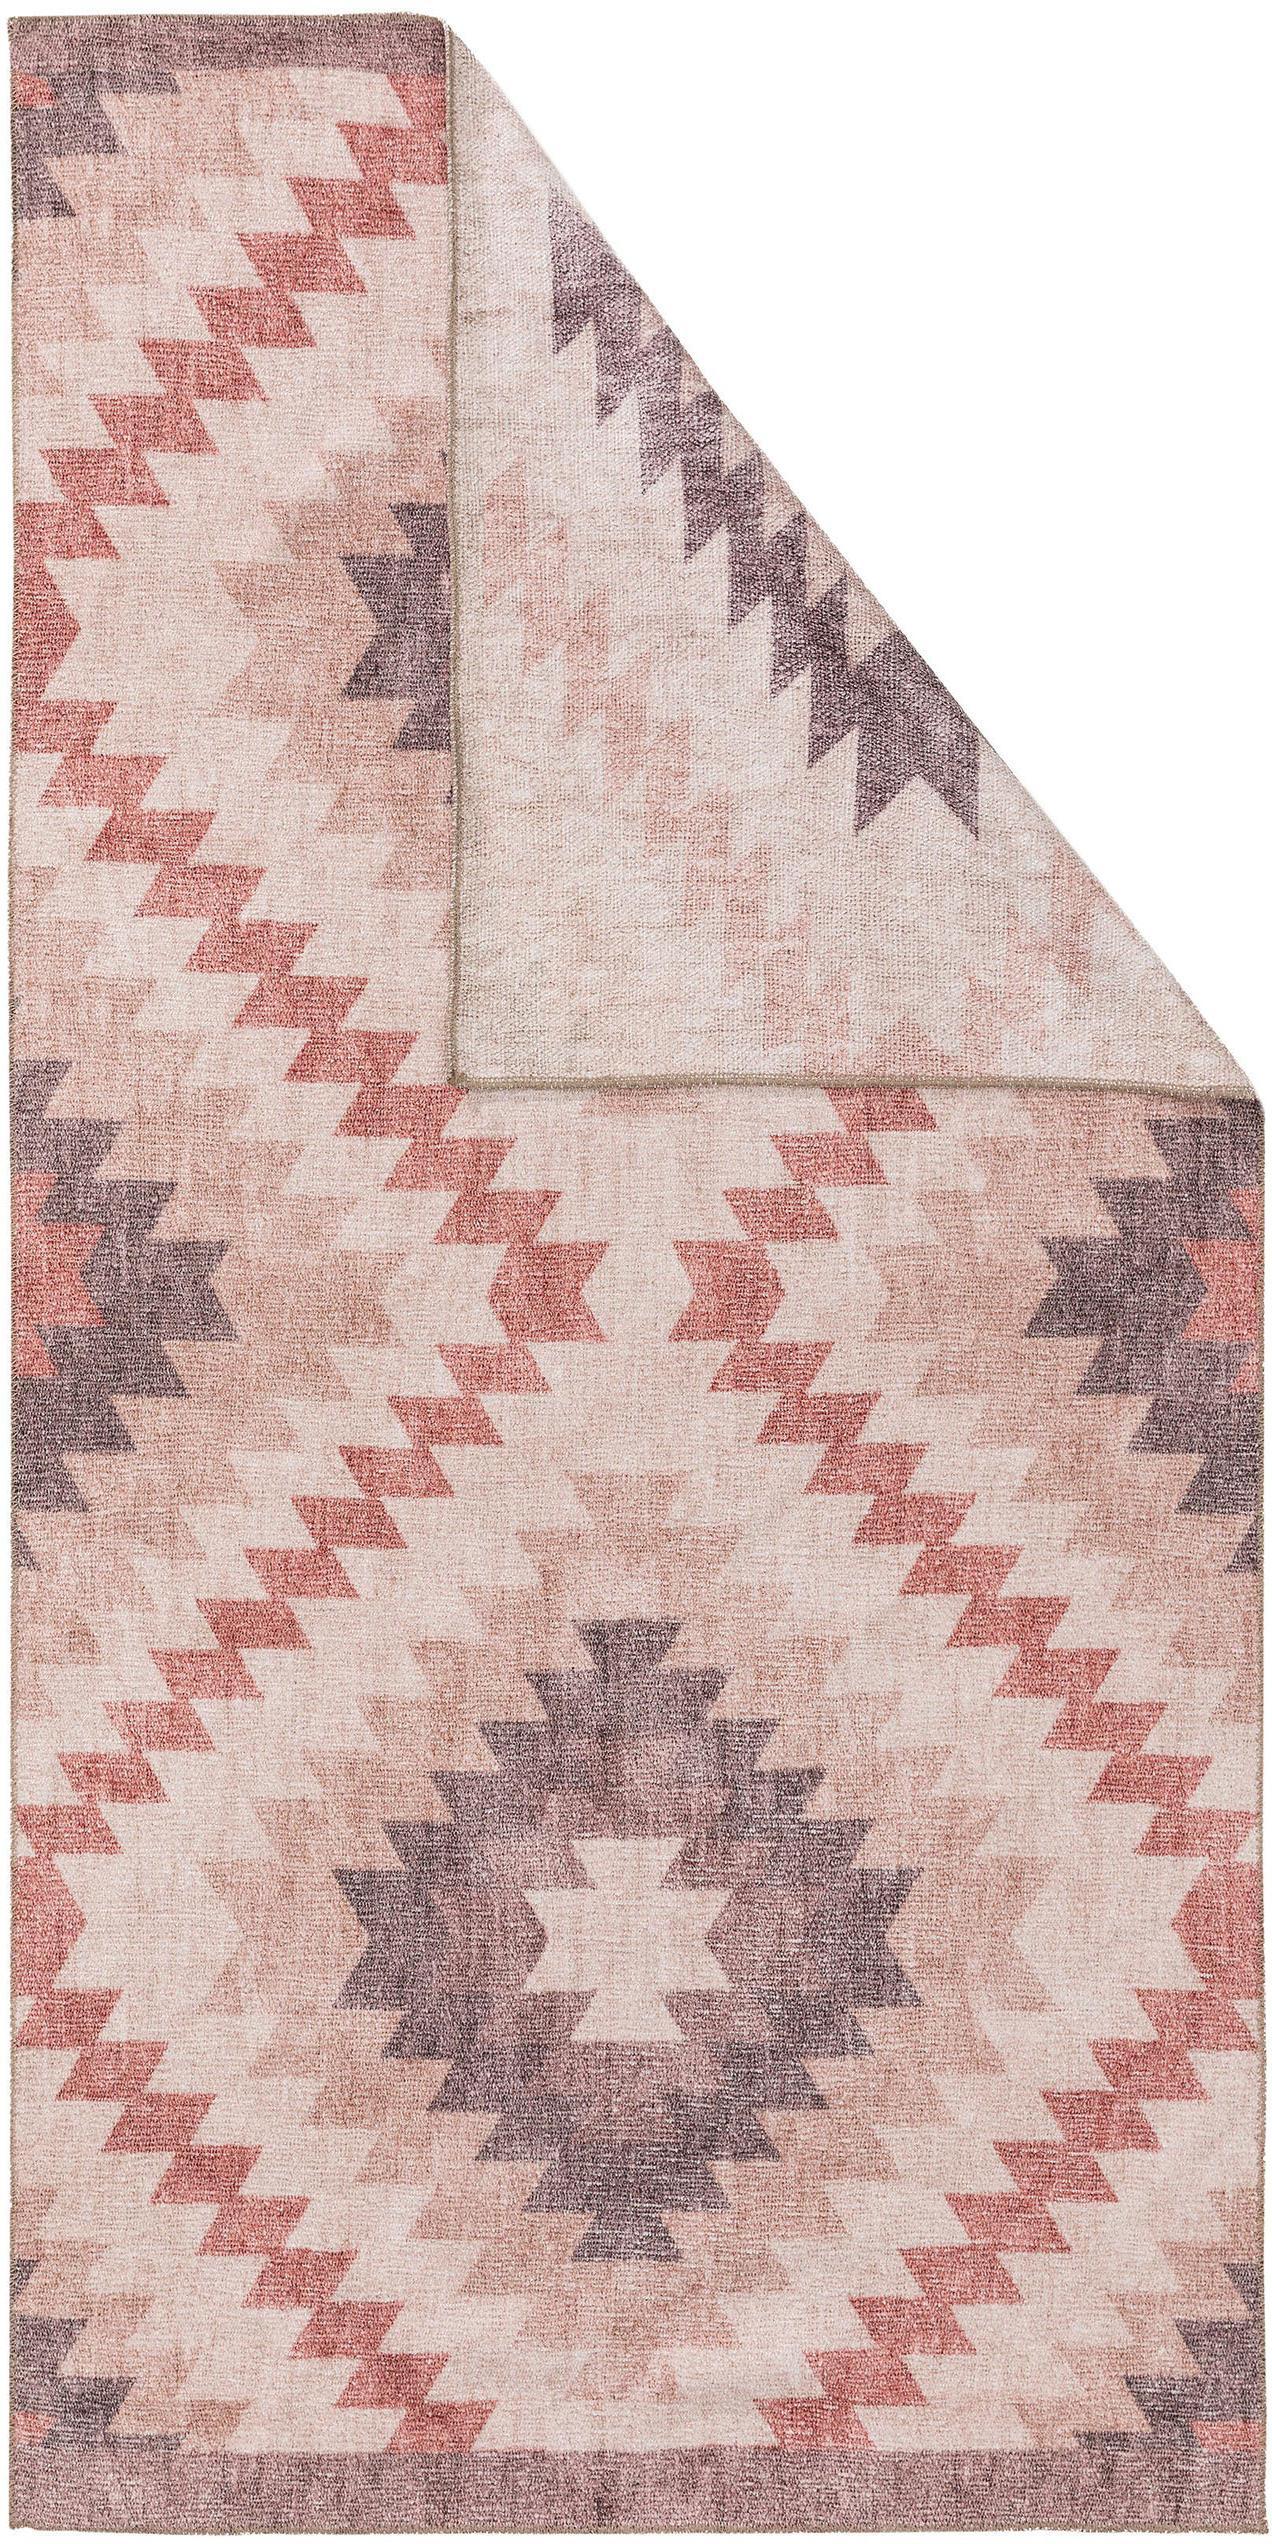 Dubbelzijdig vloerkleed Kelim Ana Dimonds met ethnopatroon in rozetinten, 80% polyester 20% katoen, Oudroze, multicolour, B 75 x L 150 cm (maat XS)